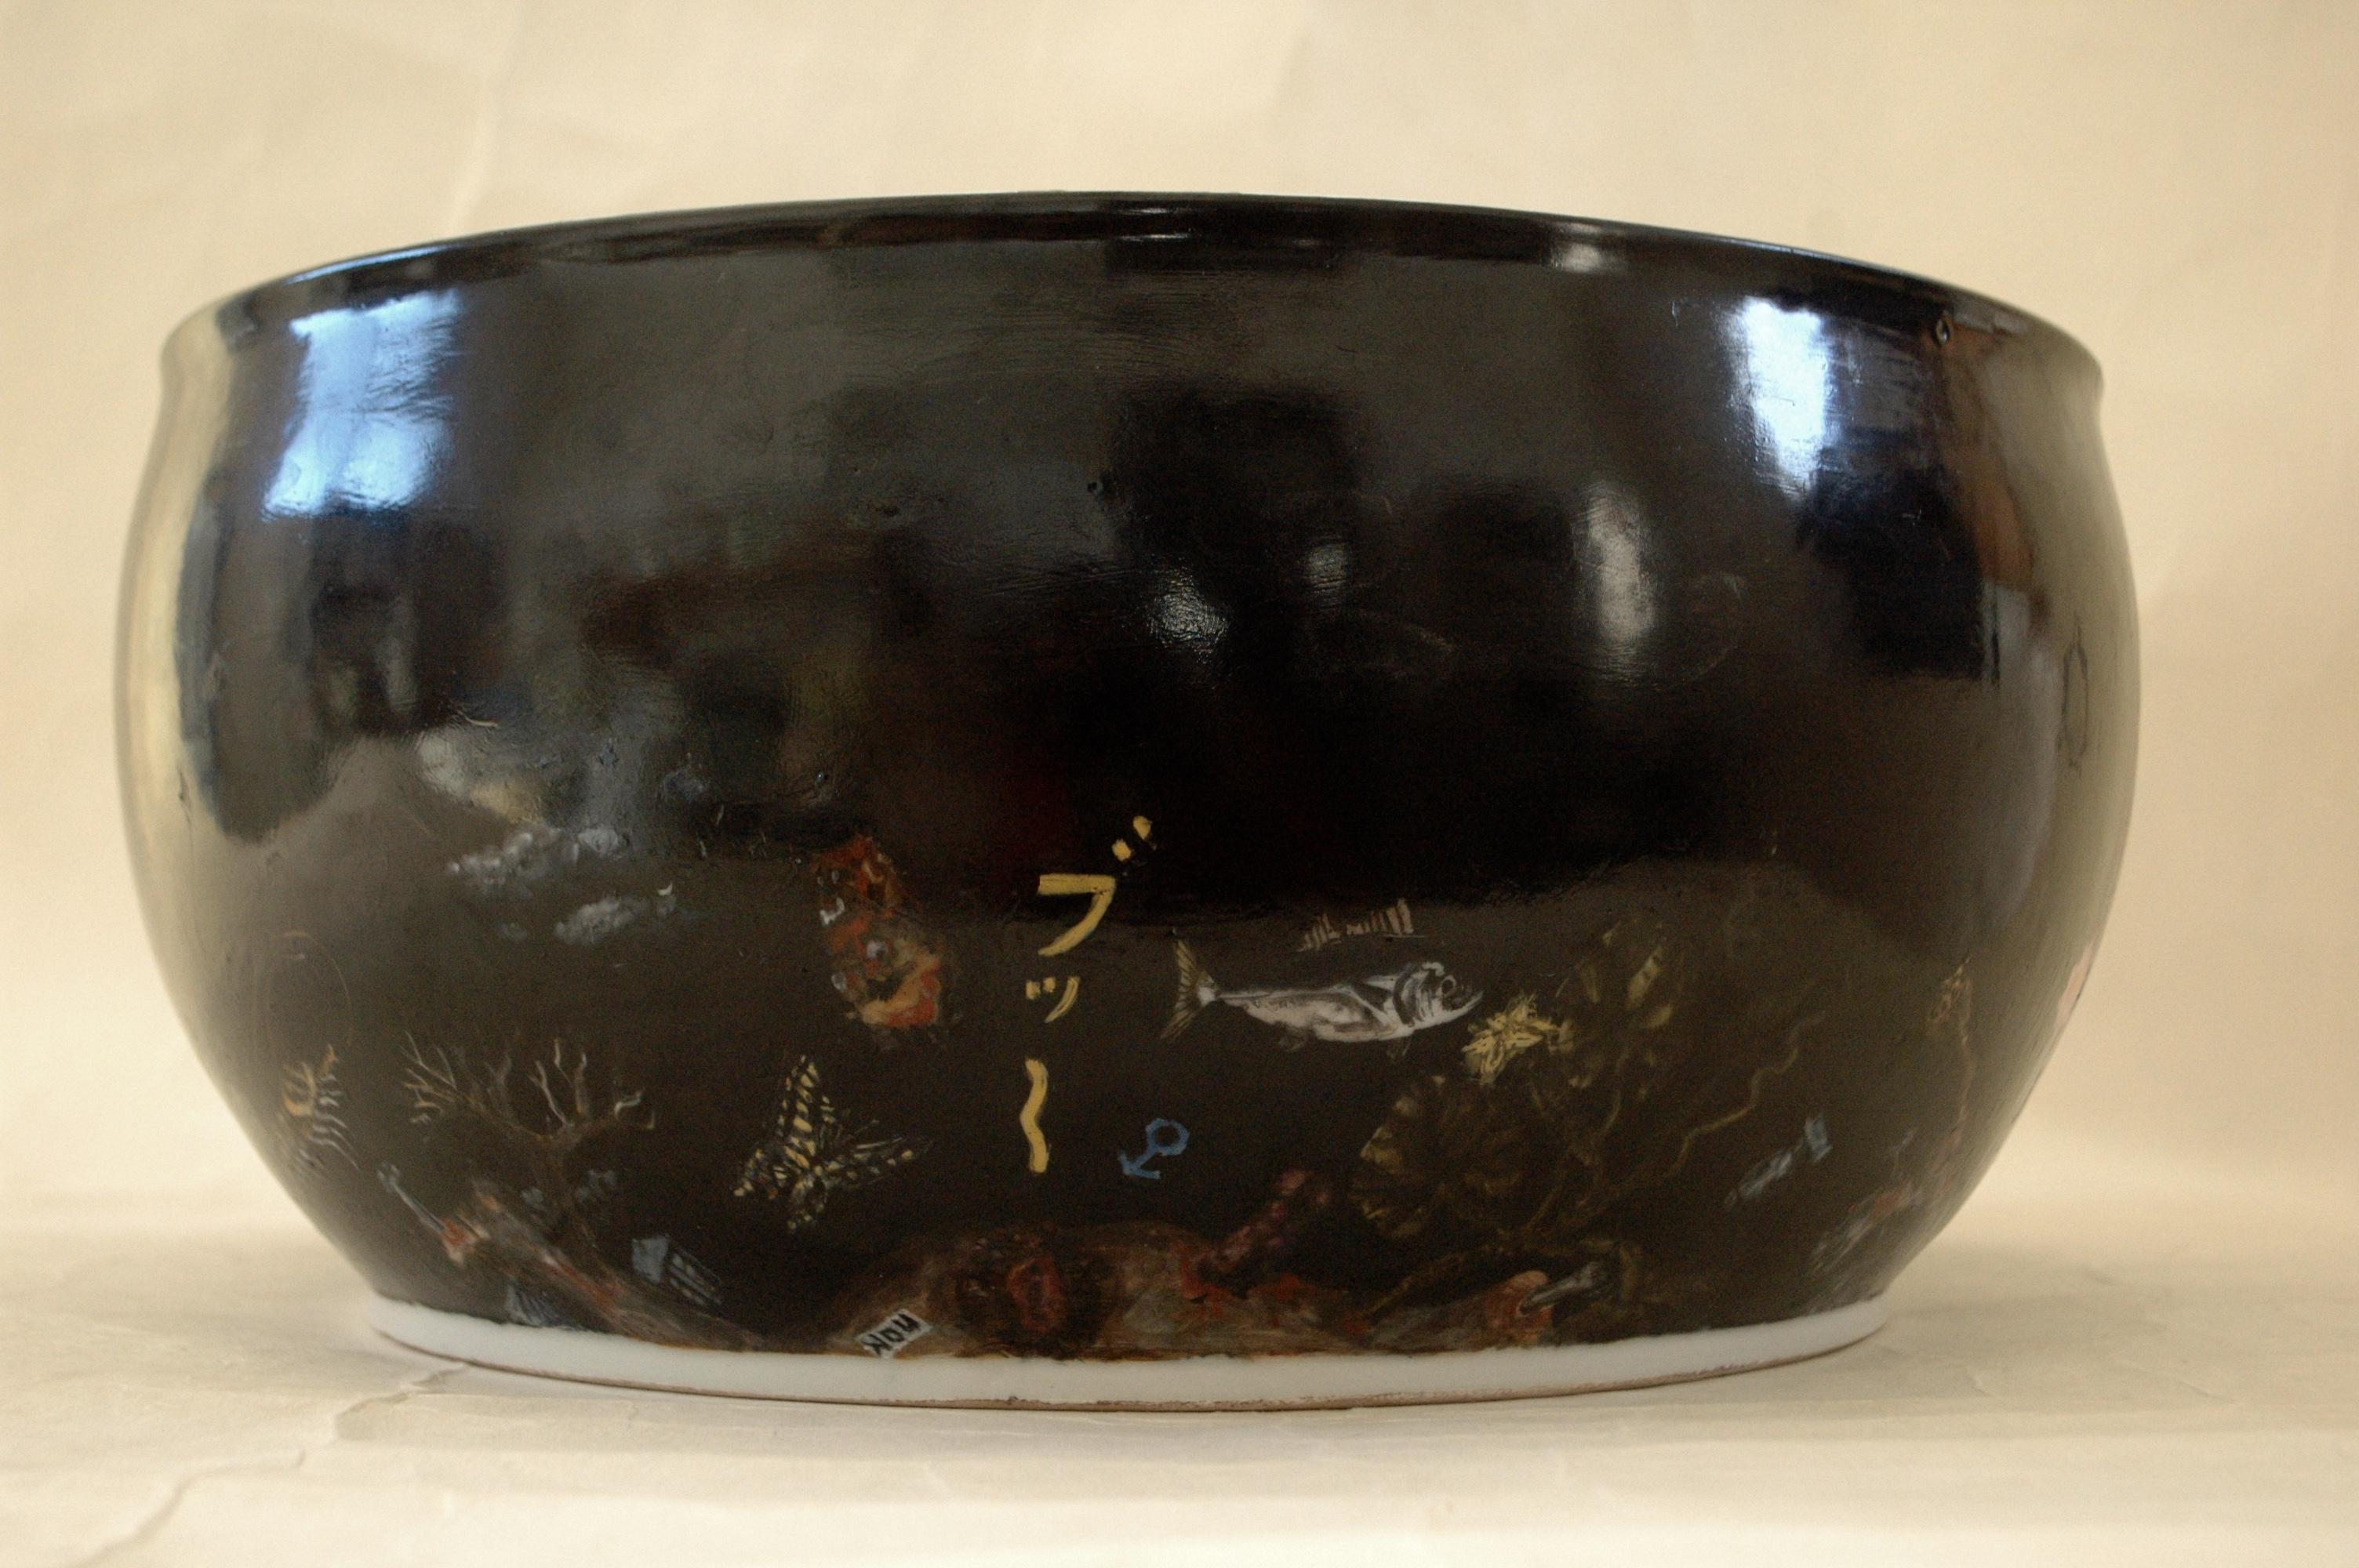 も一つ色絵大鉢「ケツの穴」側面